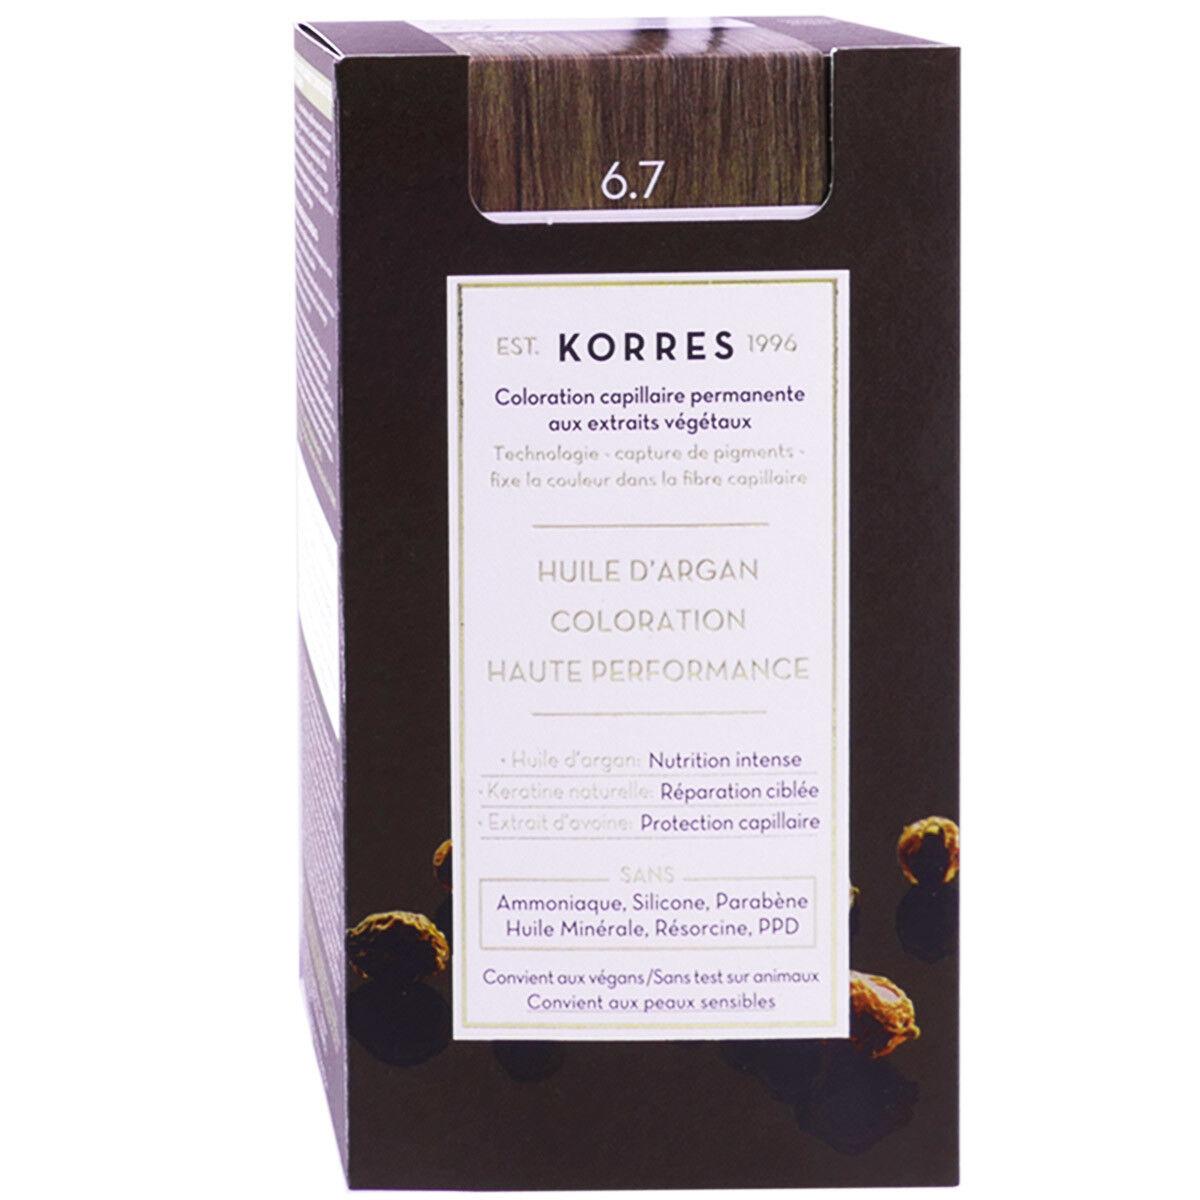 Korres coloration permanente huile argan cocoa 6.7